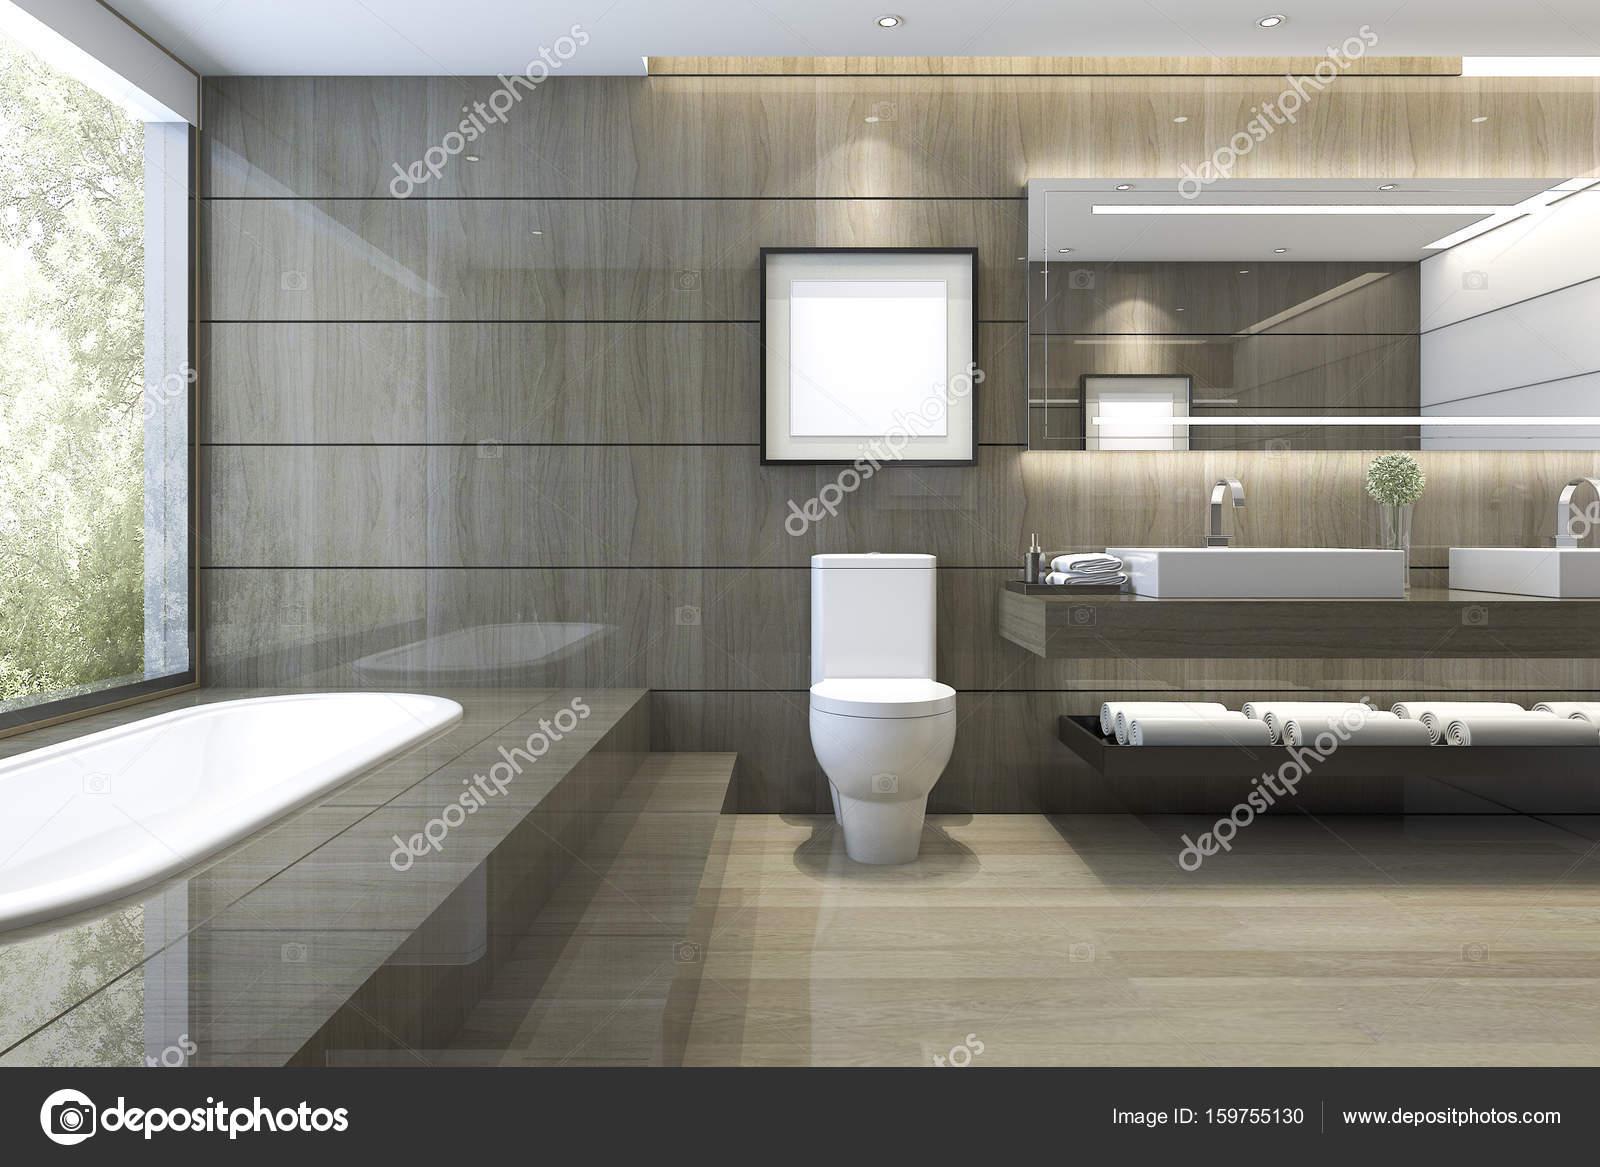 Interieur Natuur Badkamer : D rendering moderne klassieke badkamer met luxe tegel decor met